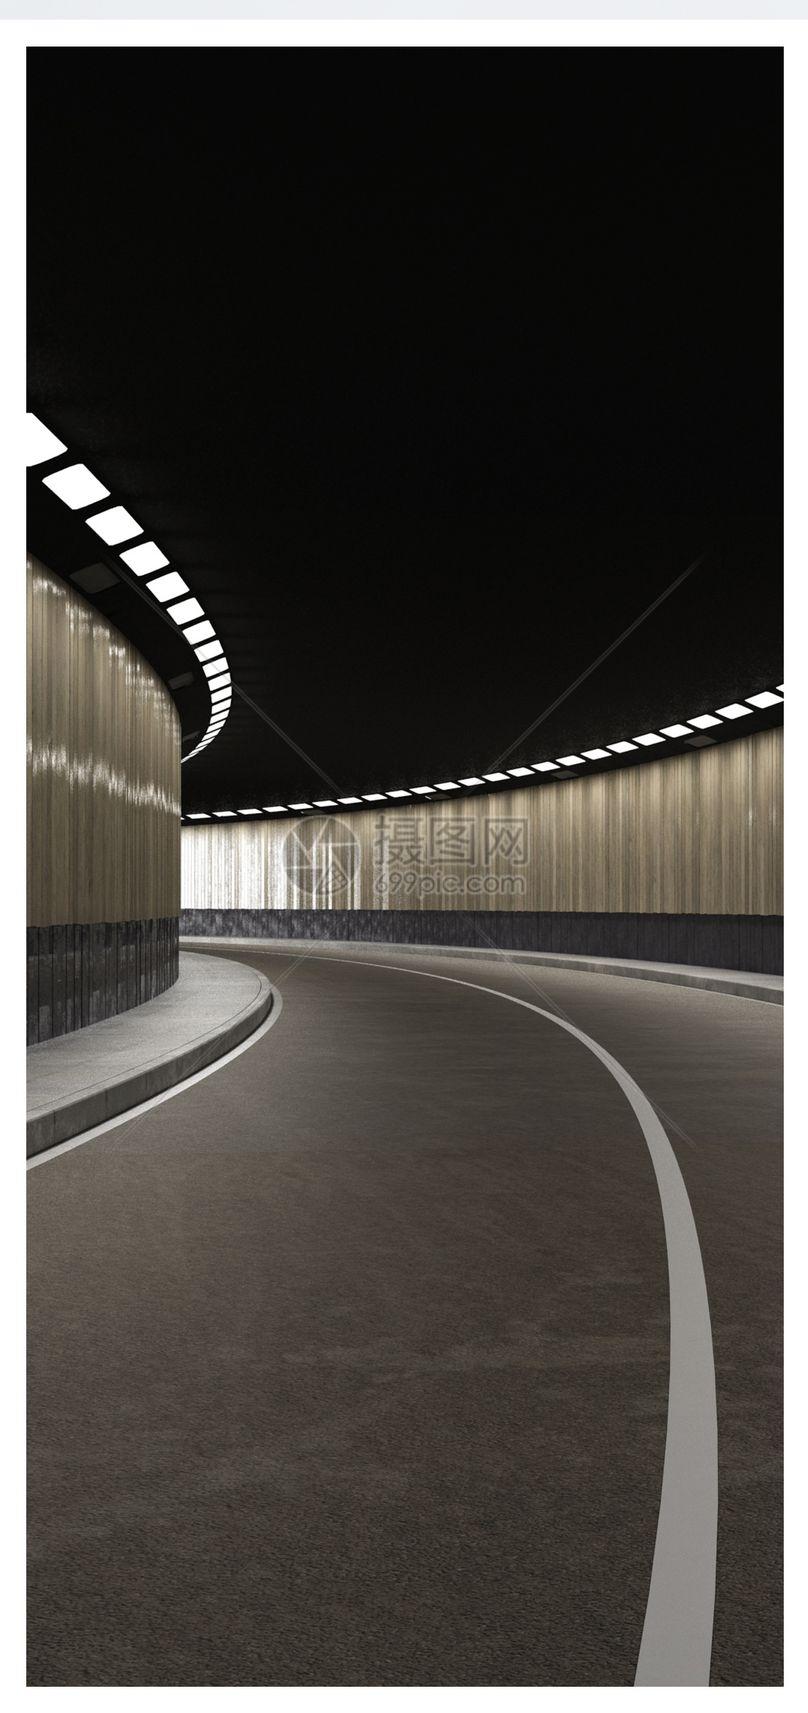 隧道空间场景手机壁纸图片